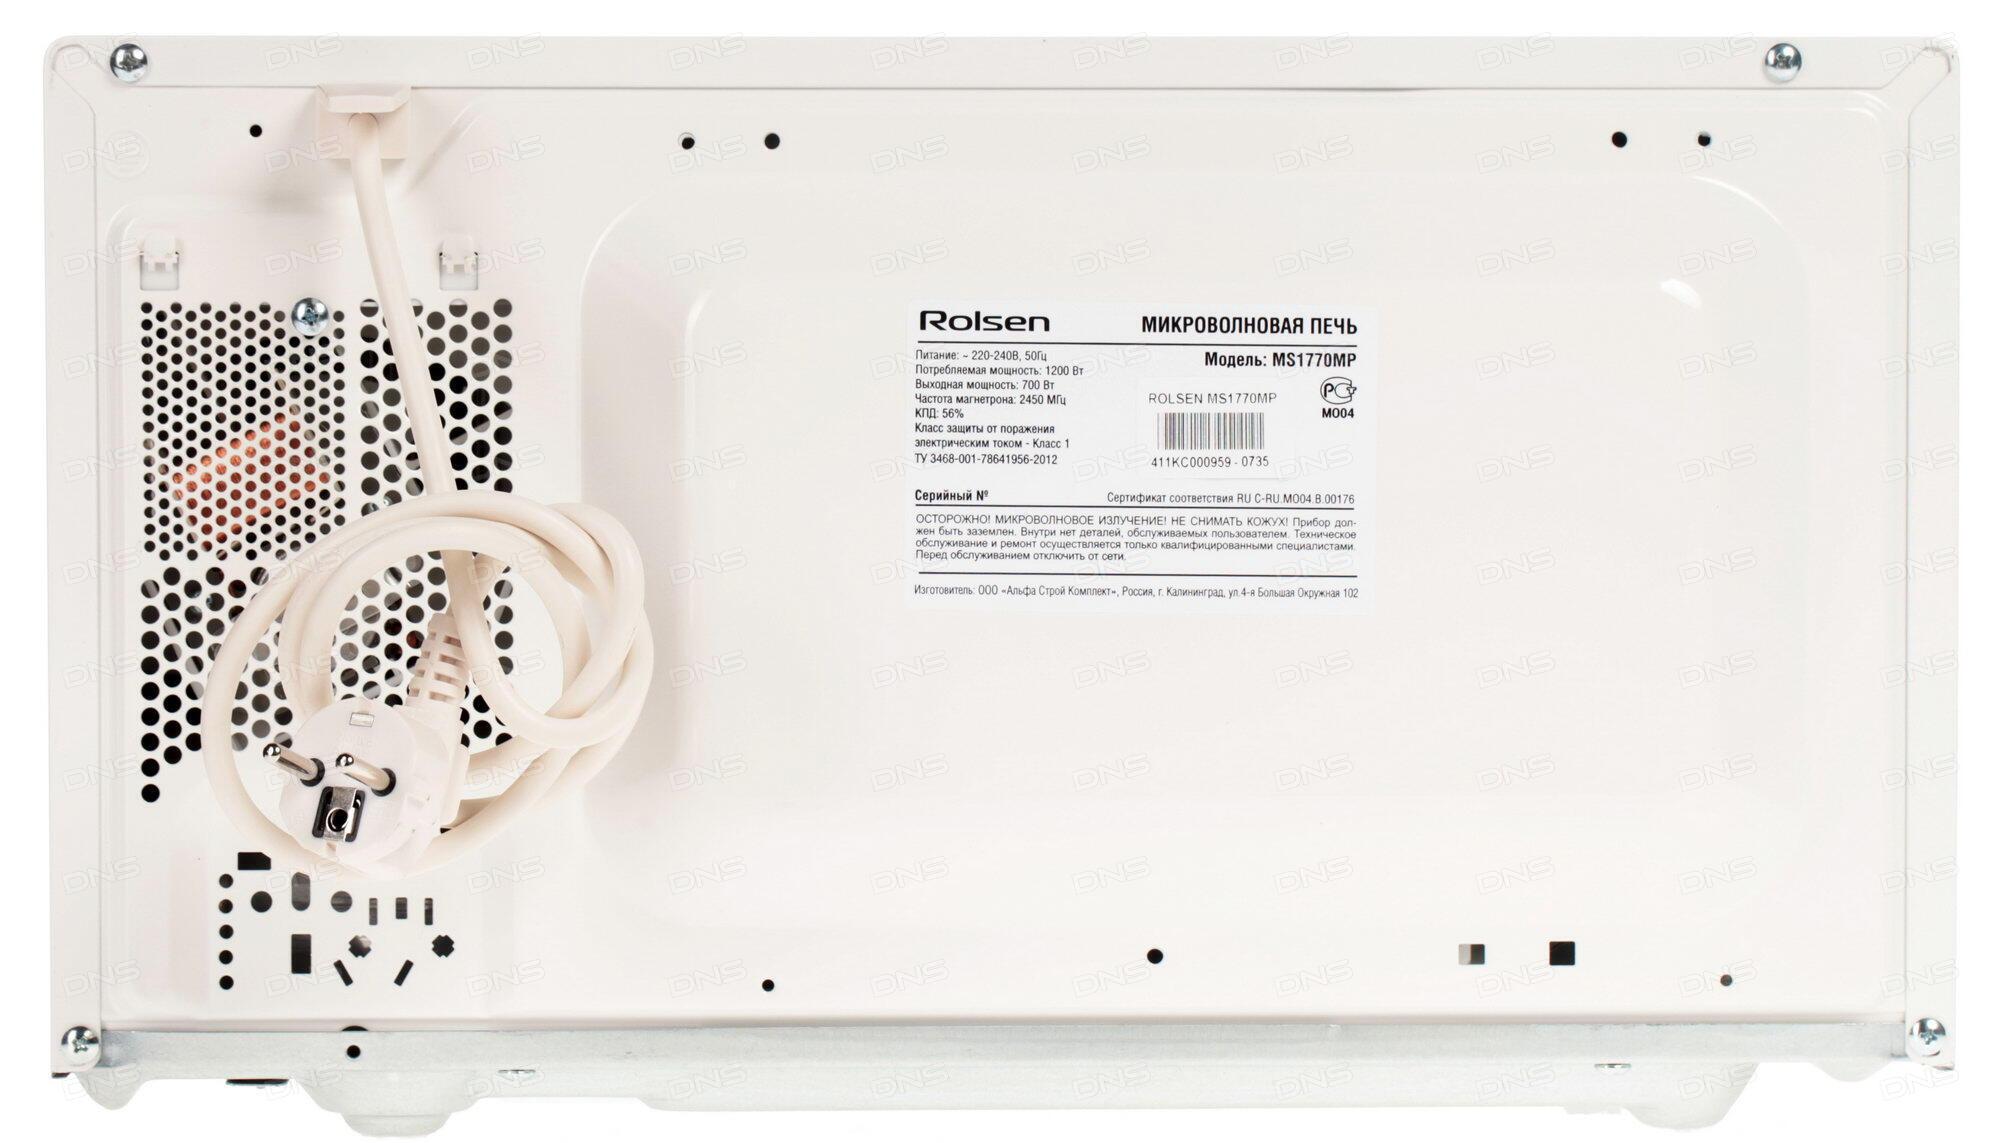 Микроволновая печь Rolsen MG2080MD 700 Вт белый